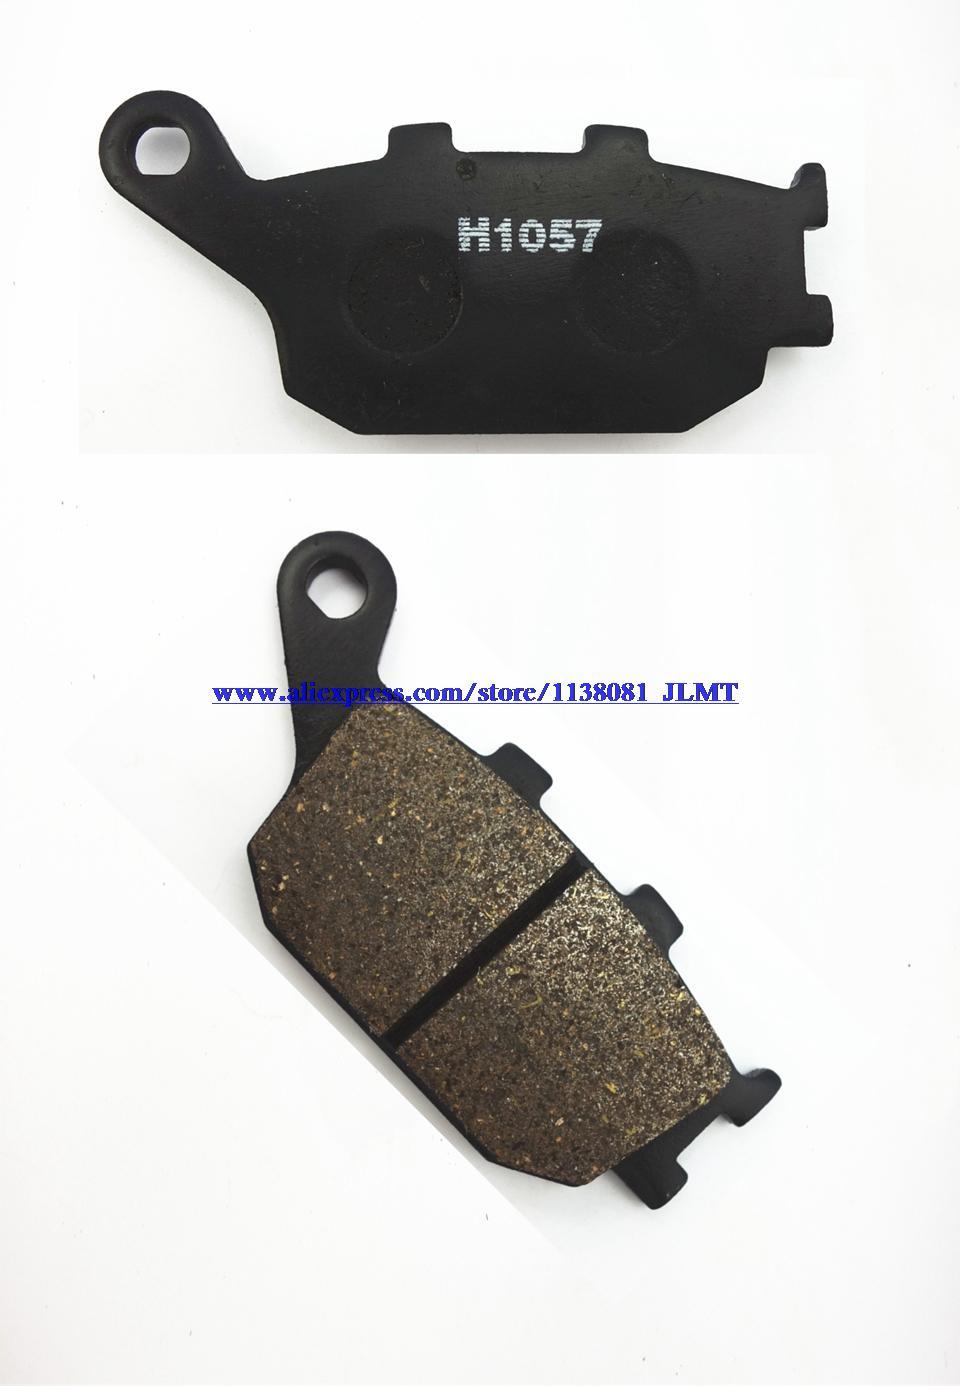 Тормозные диски для мотоцикла 2011 HONDA 1300 VT CS VT1300 2010 /jlmt